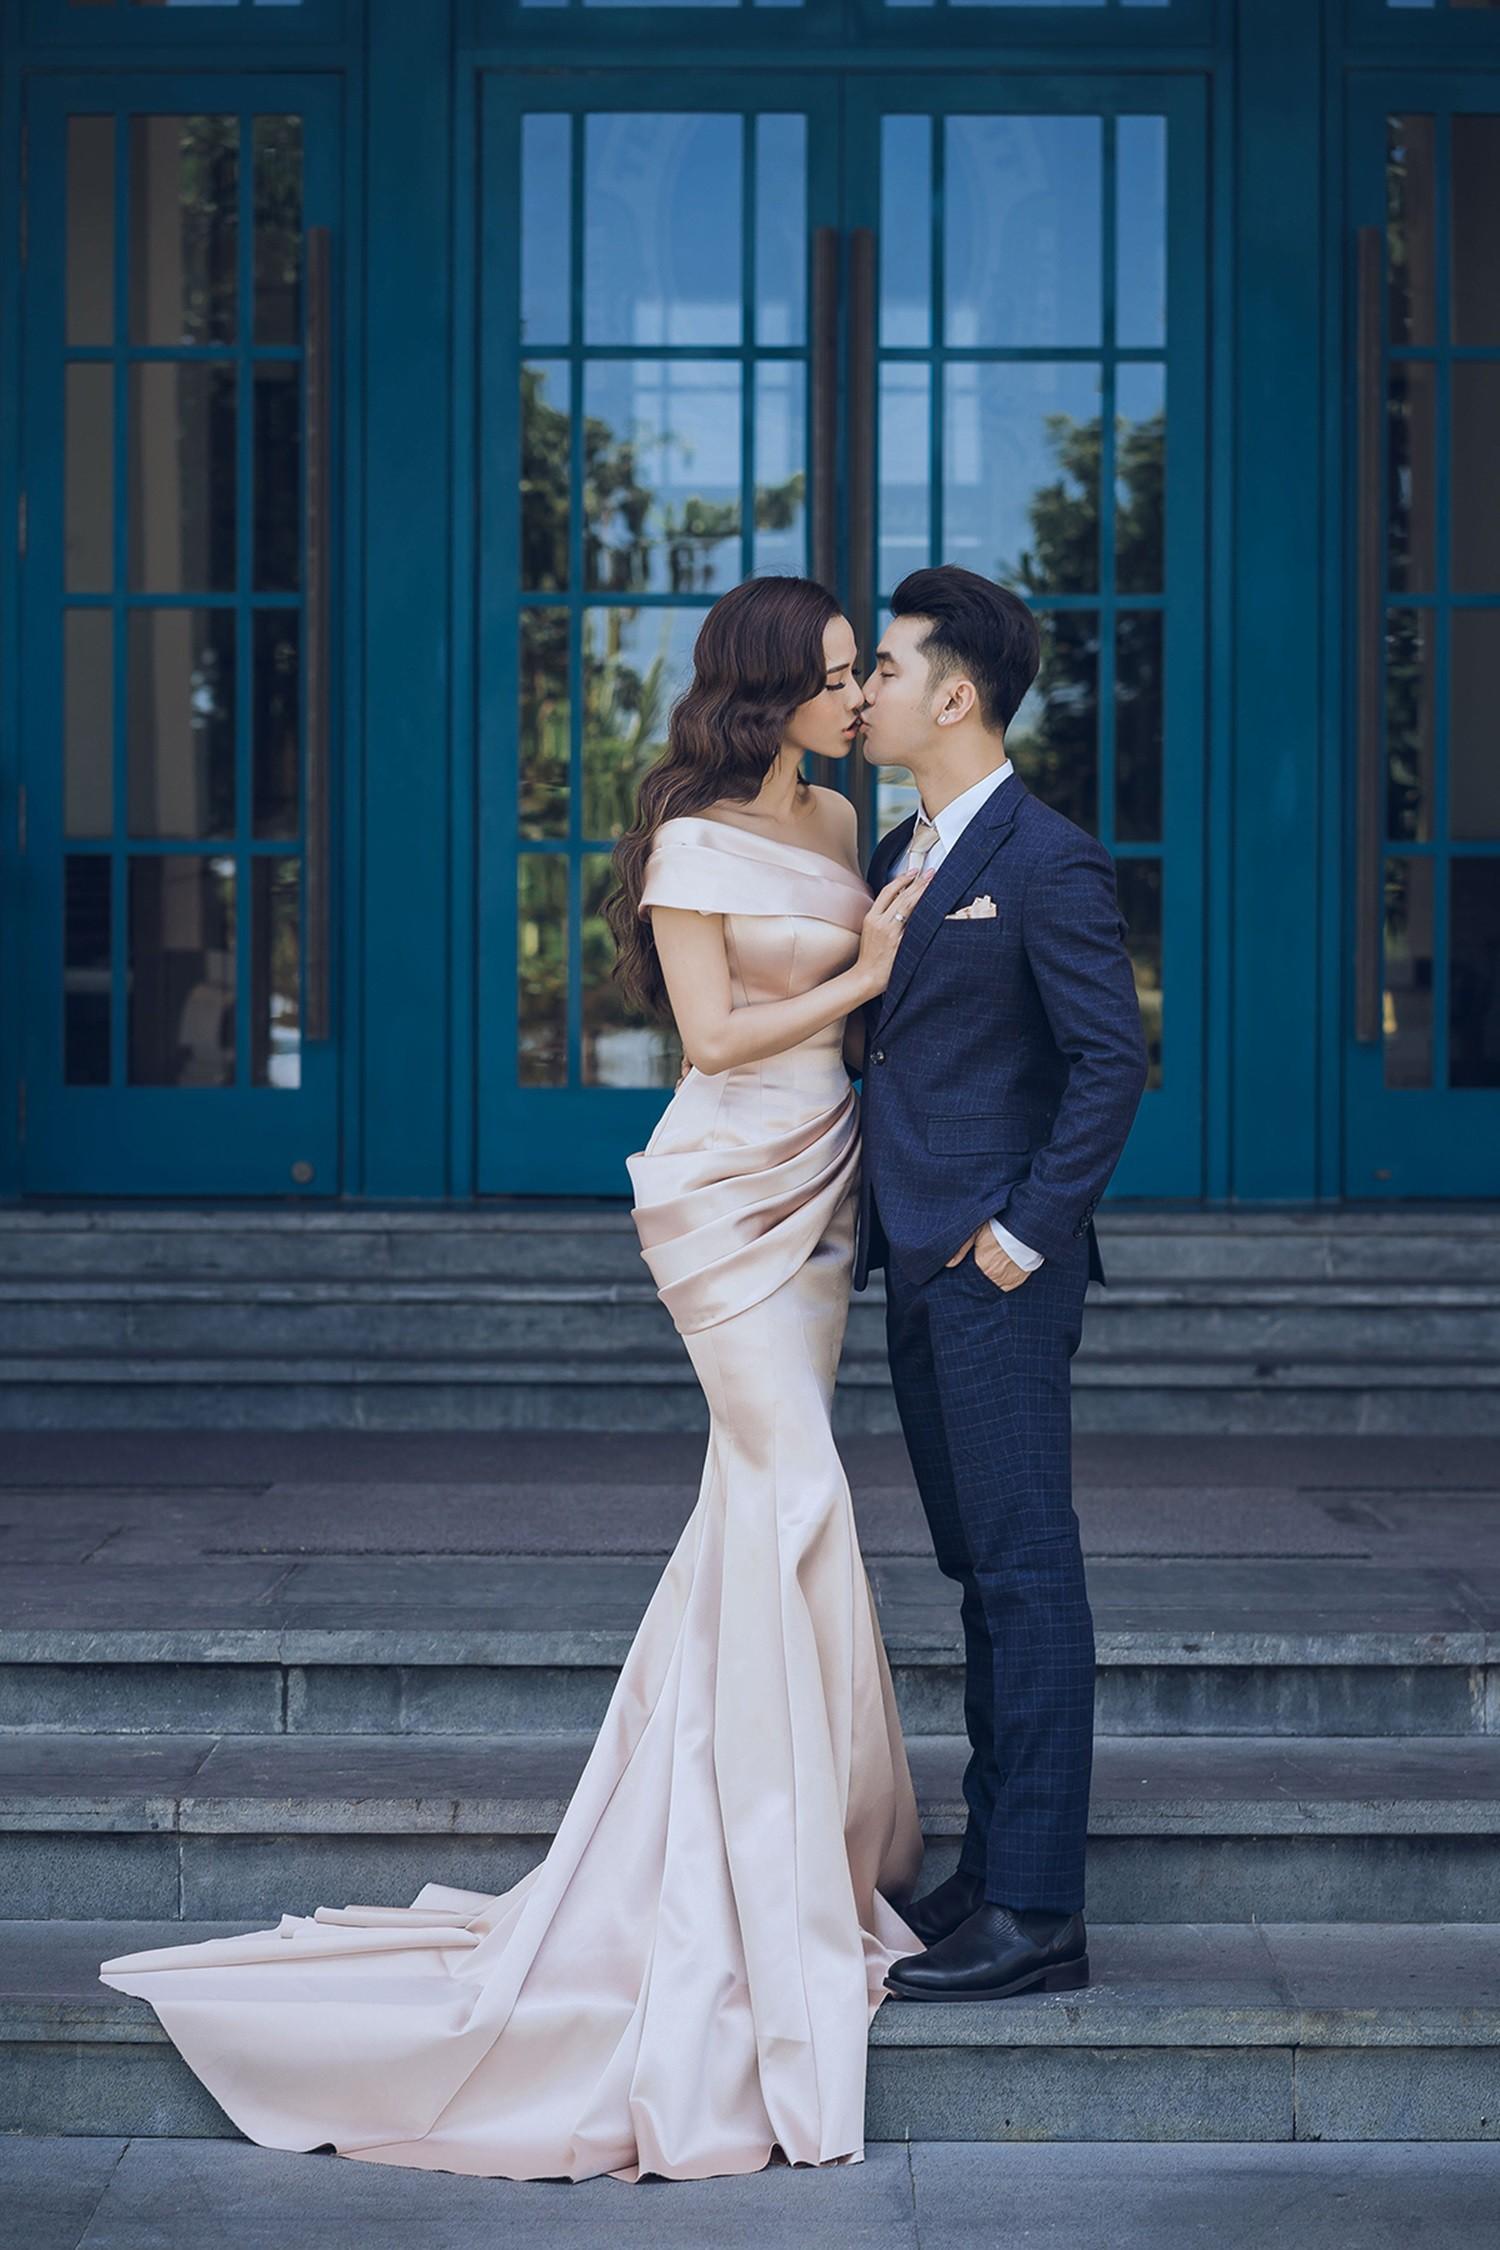 Ưng Hoàng Phúc bán nude trong bộ ảnh cưới với bà xã Kim Cương- Ảnh 5.